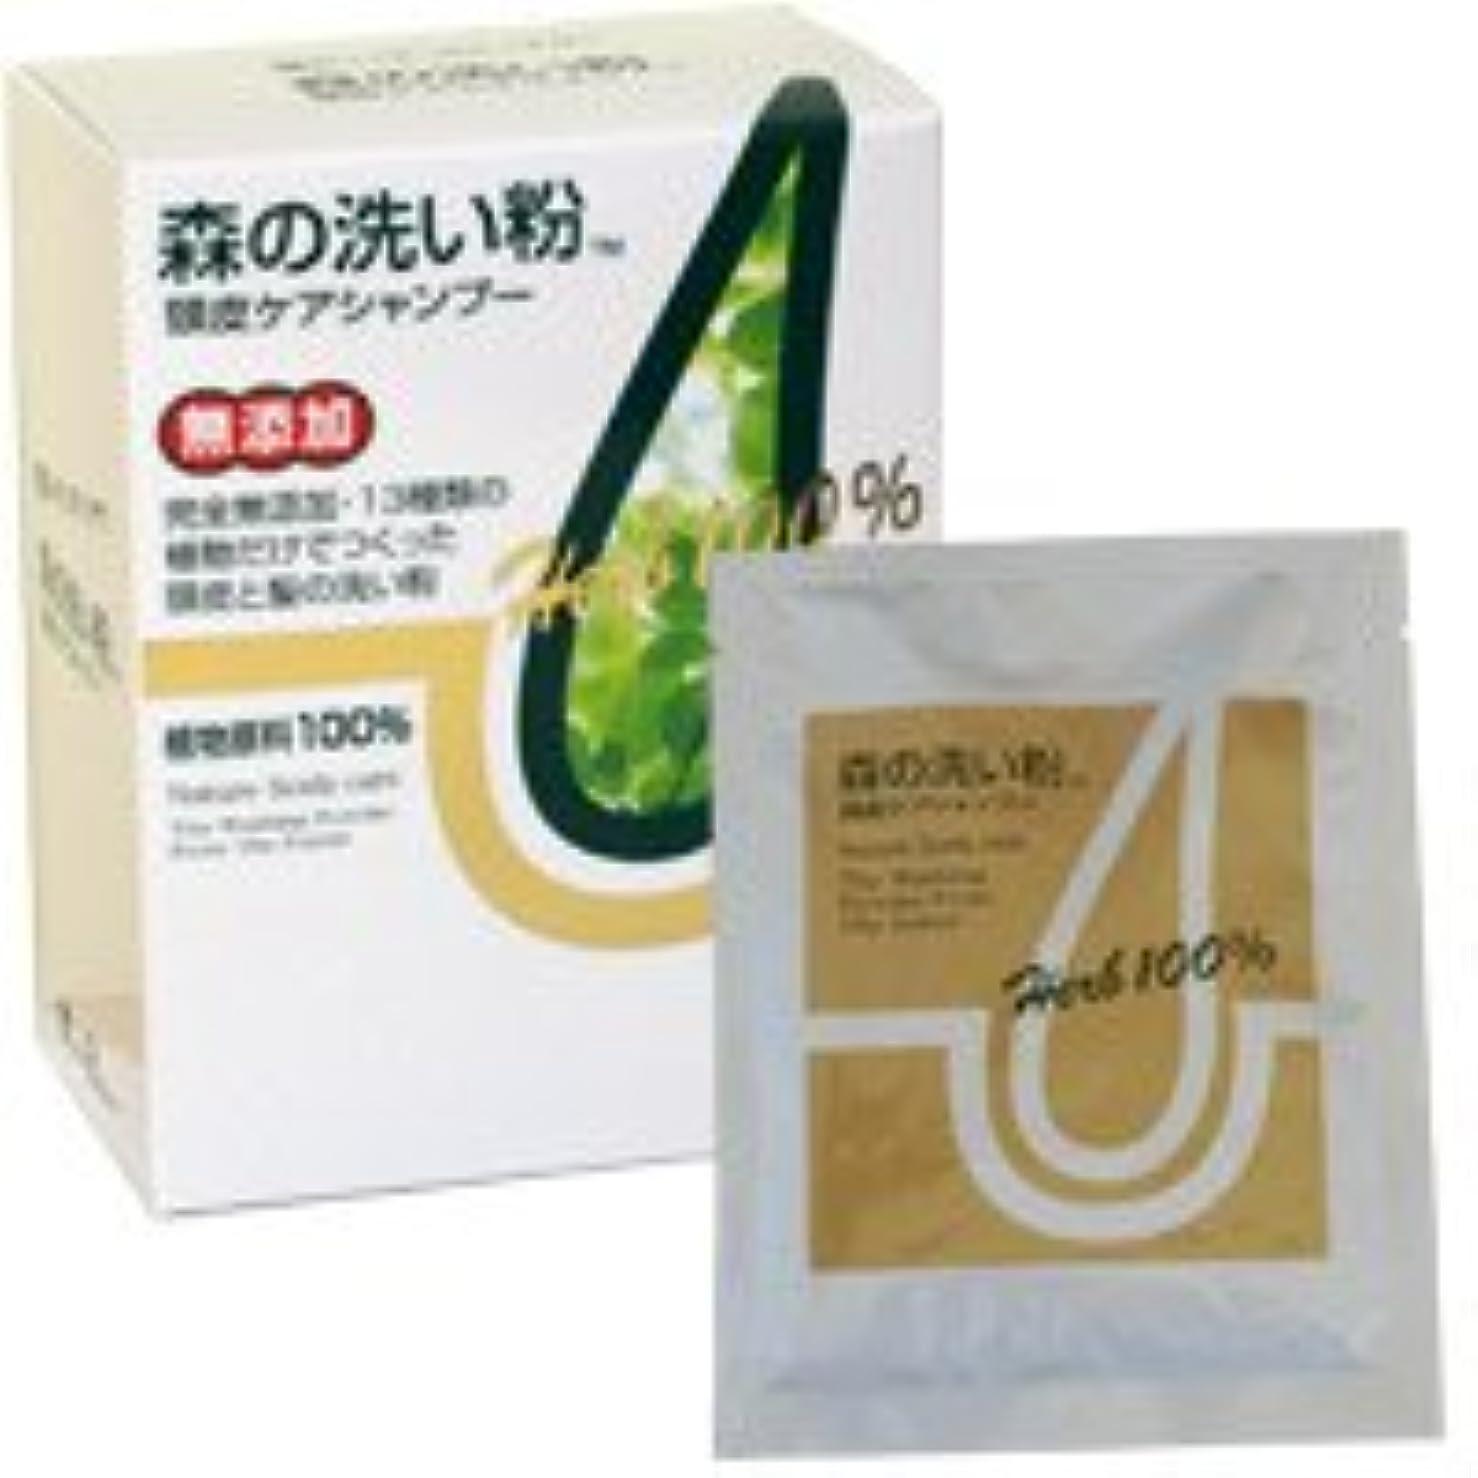 切断する収入哺乳類Dr.ノグチ 森の洗い粉 頭皮ケアシャンプー 20g×10袋/1箱 (1ヶ月分)